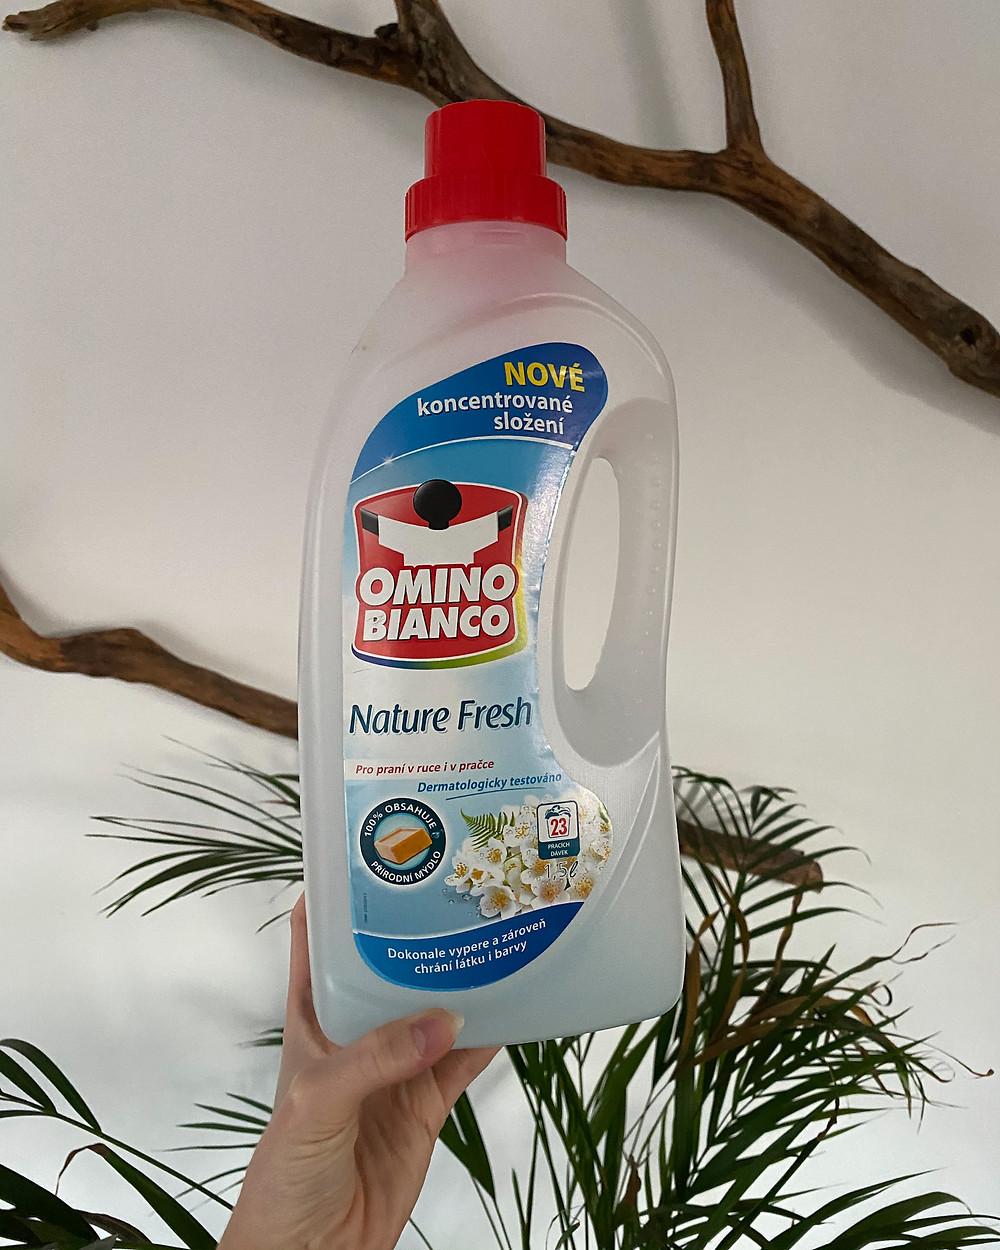 Omino Bianco si šetřím hlavně na hedvábné věci a věci z vlny. Je to totiž jediný prací prostředek, který jim nevadí.